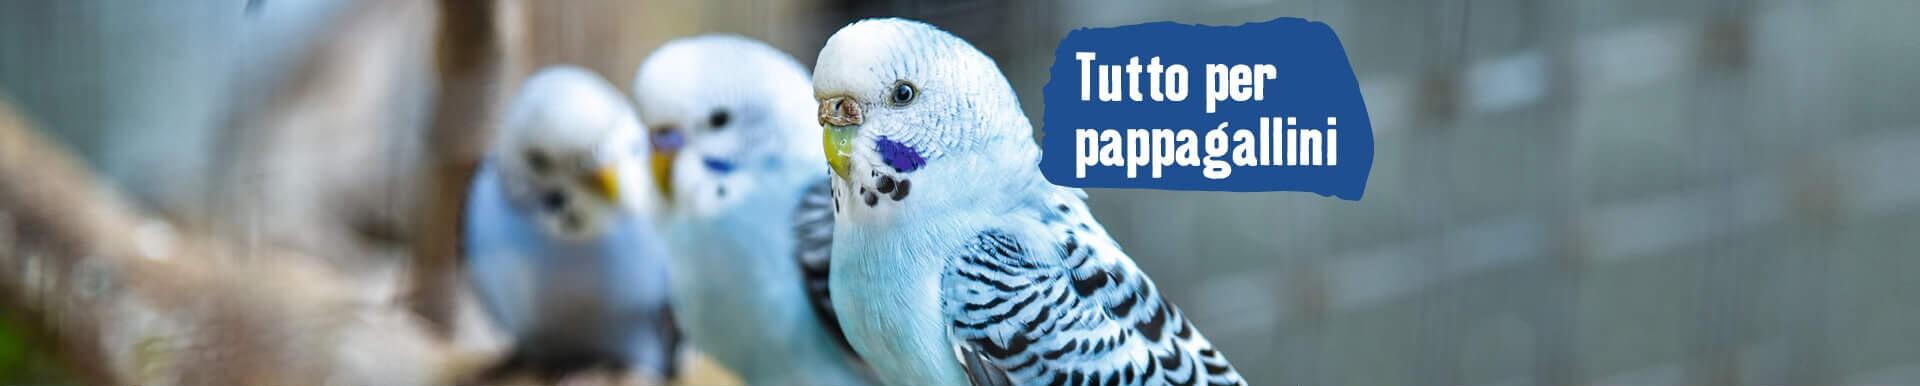 Tutto per pappagallini